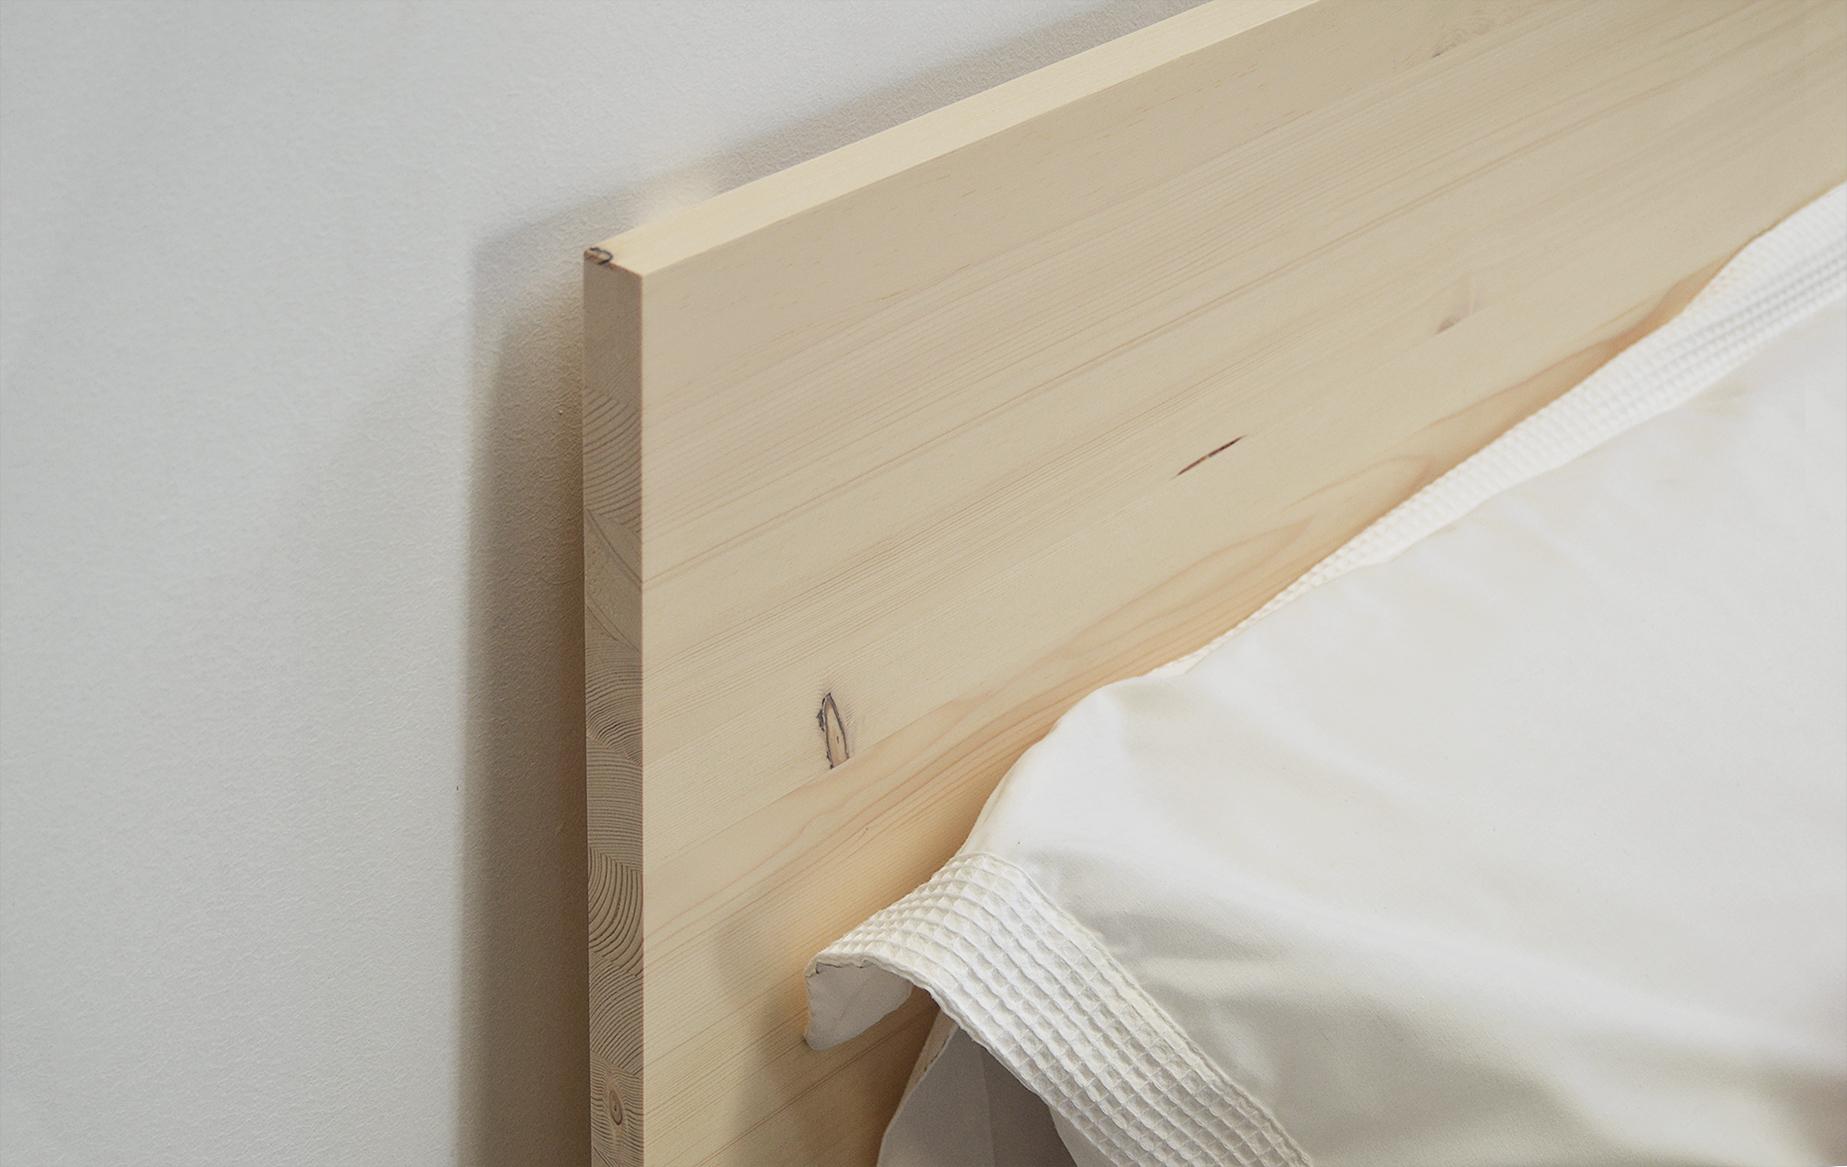 cabezal de 90 recto madera natural